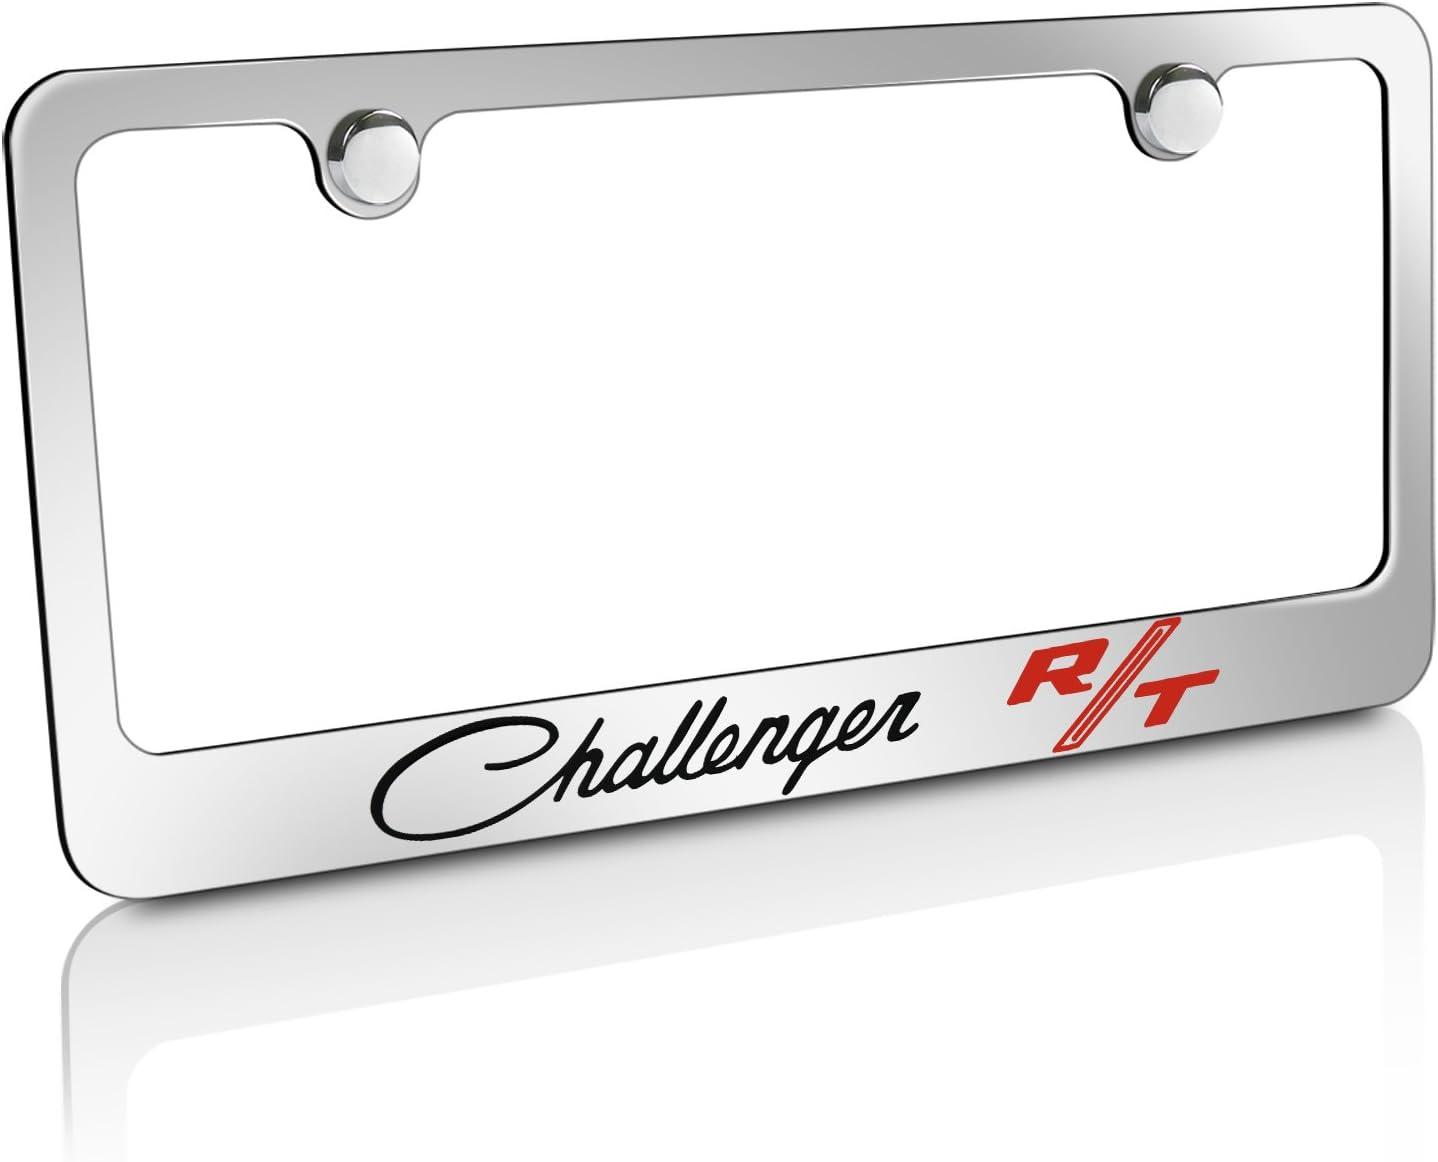 Chrysler 300 Chrome Plated Brass Metal License Plate Frame Tag Holder